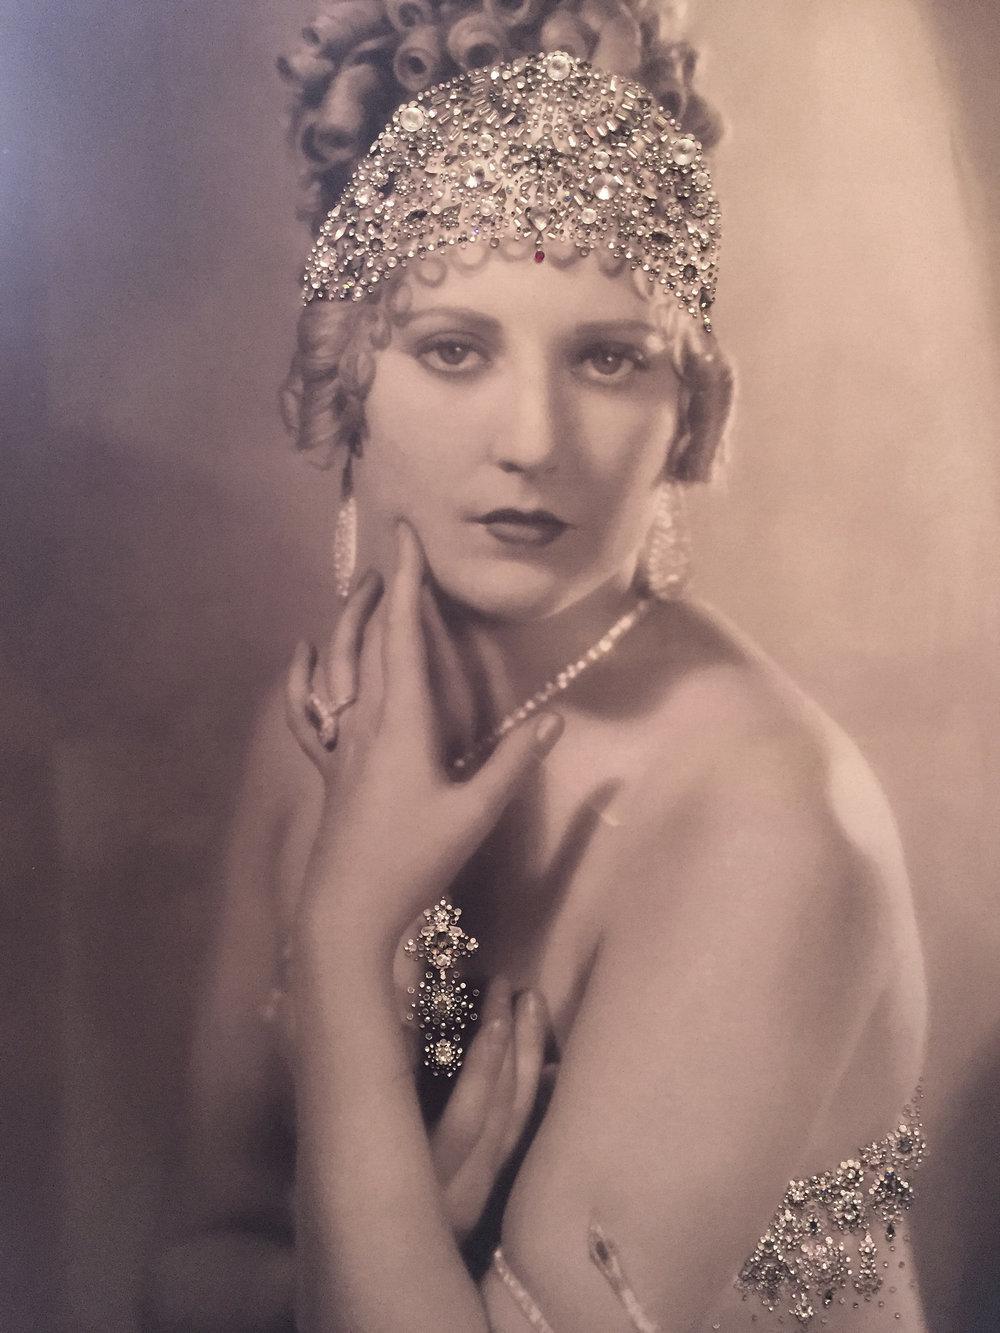 INCANTO - VanitartCollezione Le Donne d'EpocaMisura 70x100 cmLavorazione in cristalli Swarovski